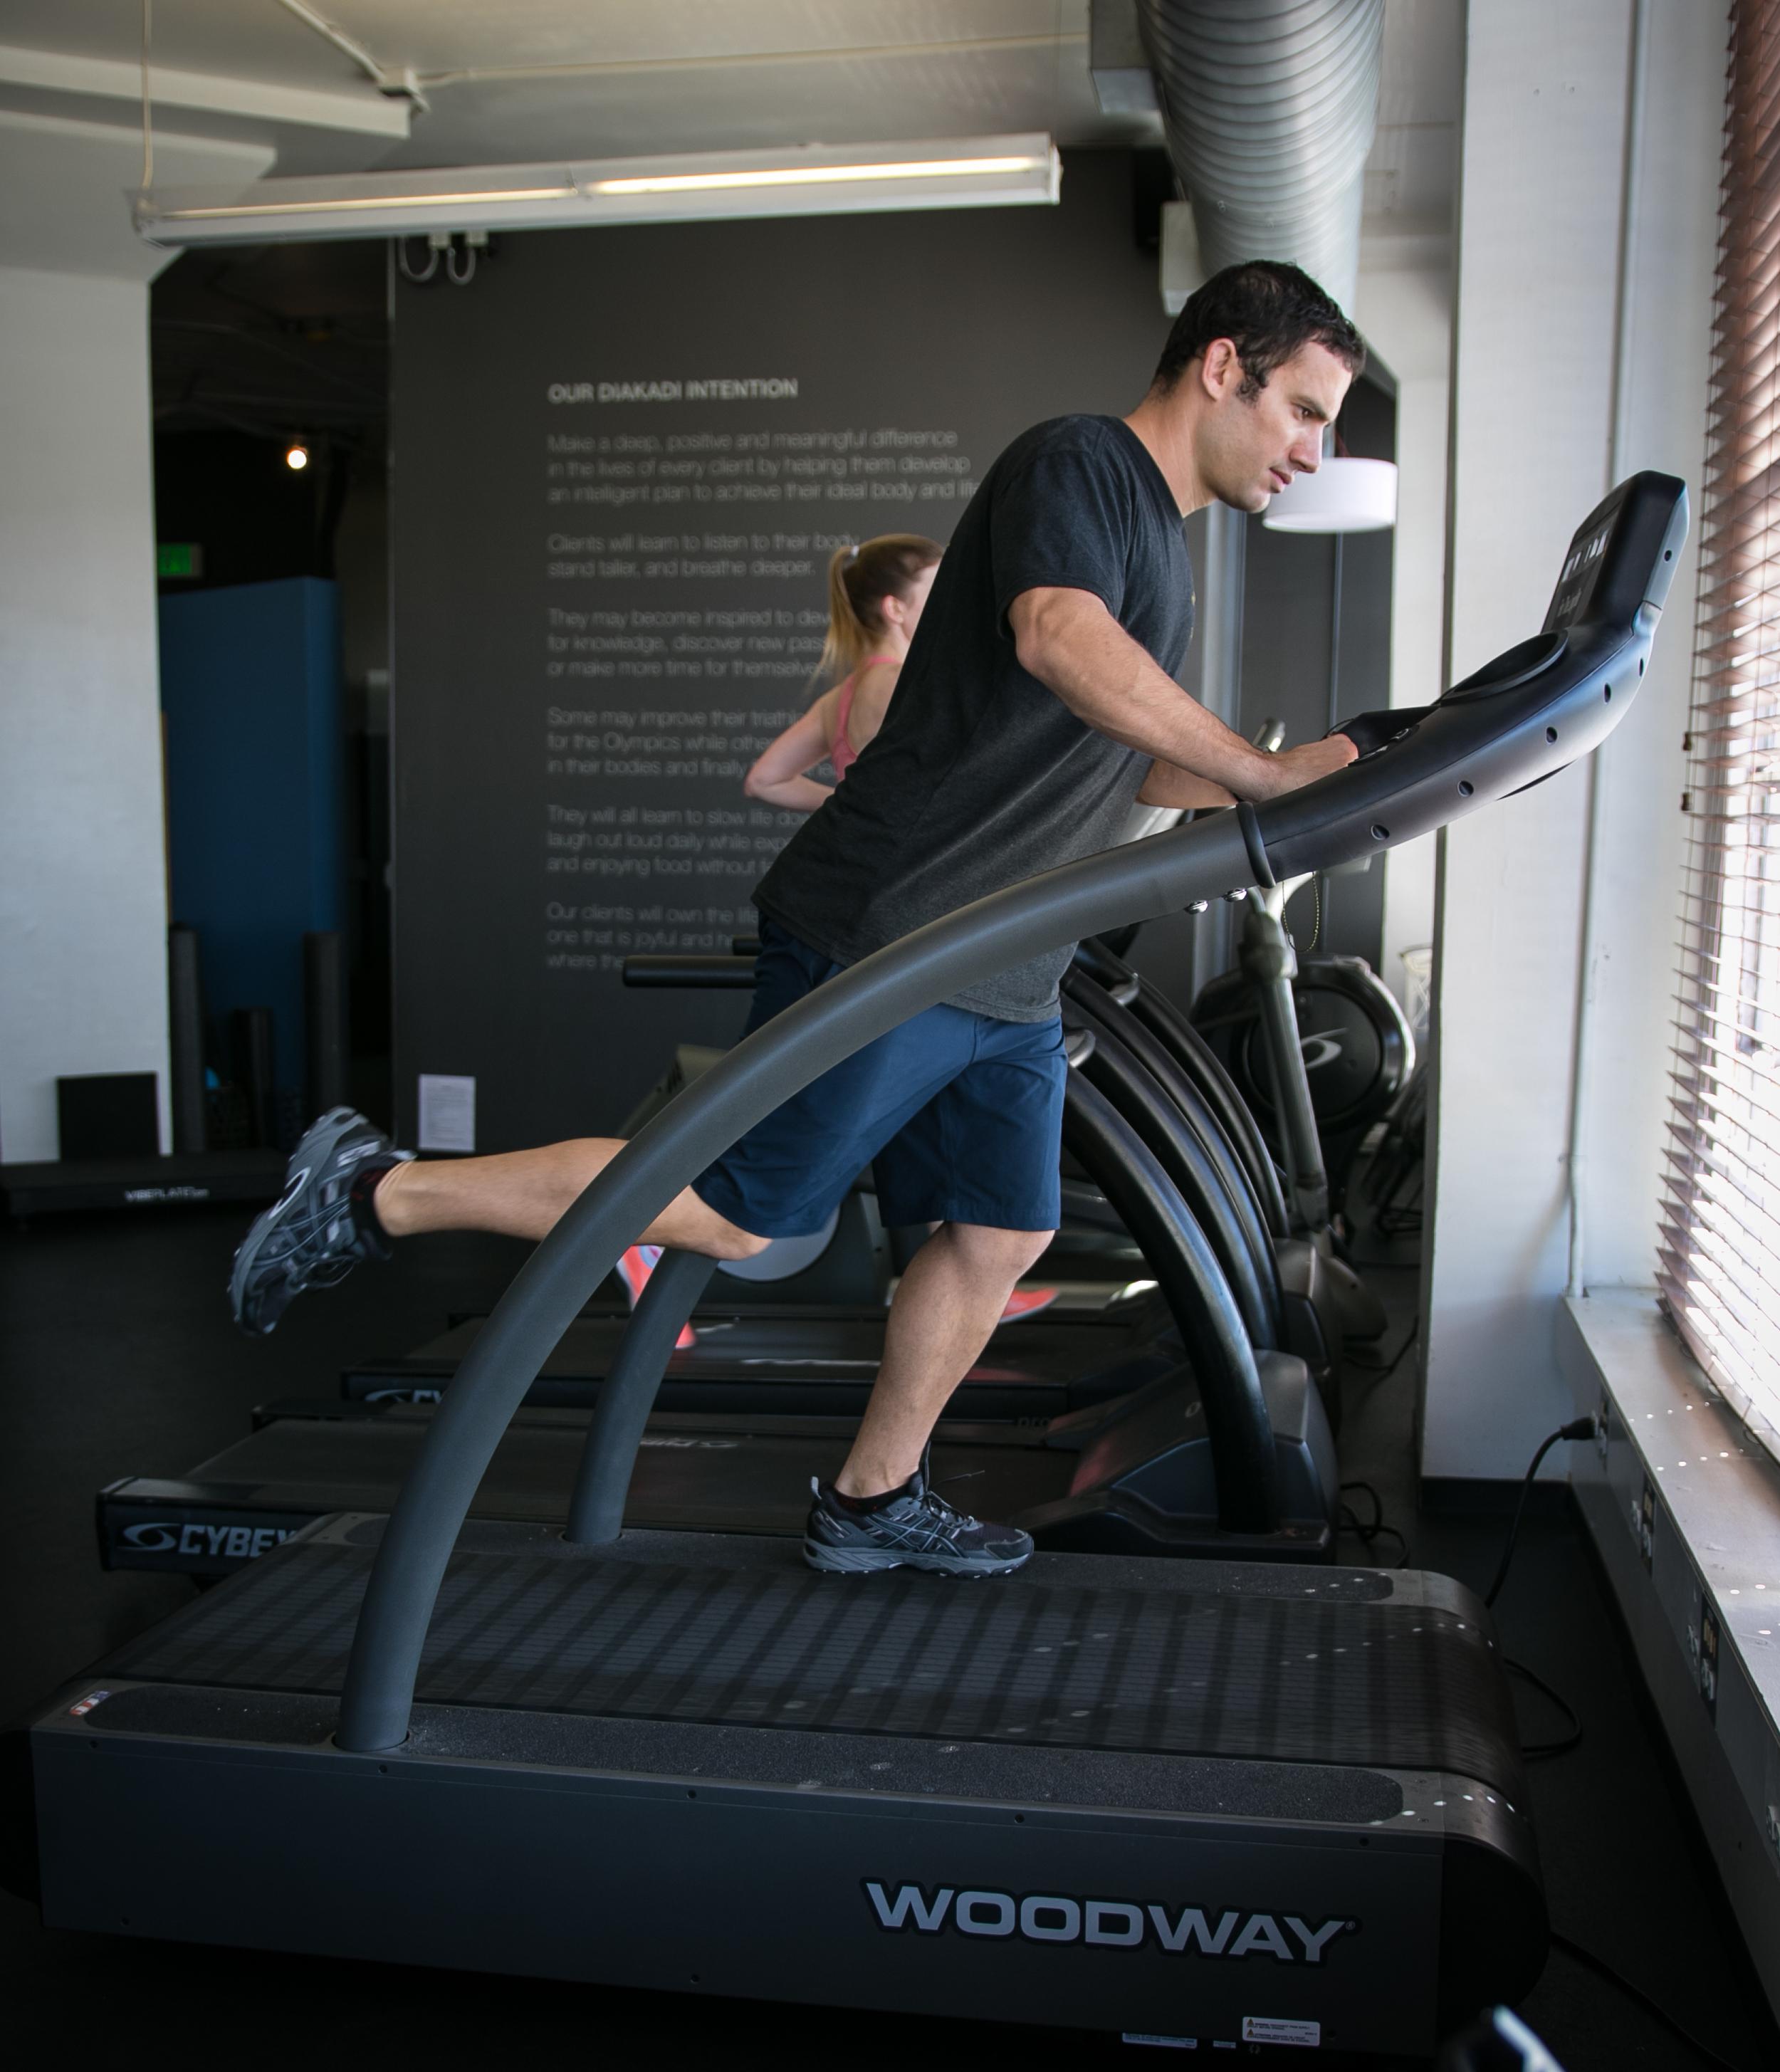 Treadmill_Skateboard